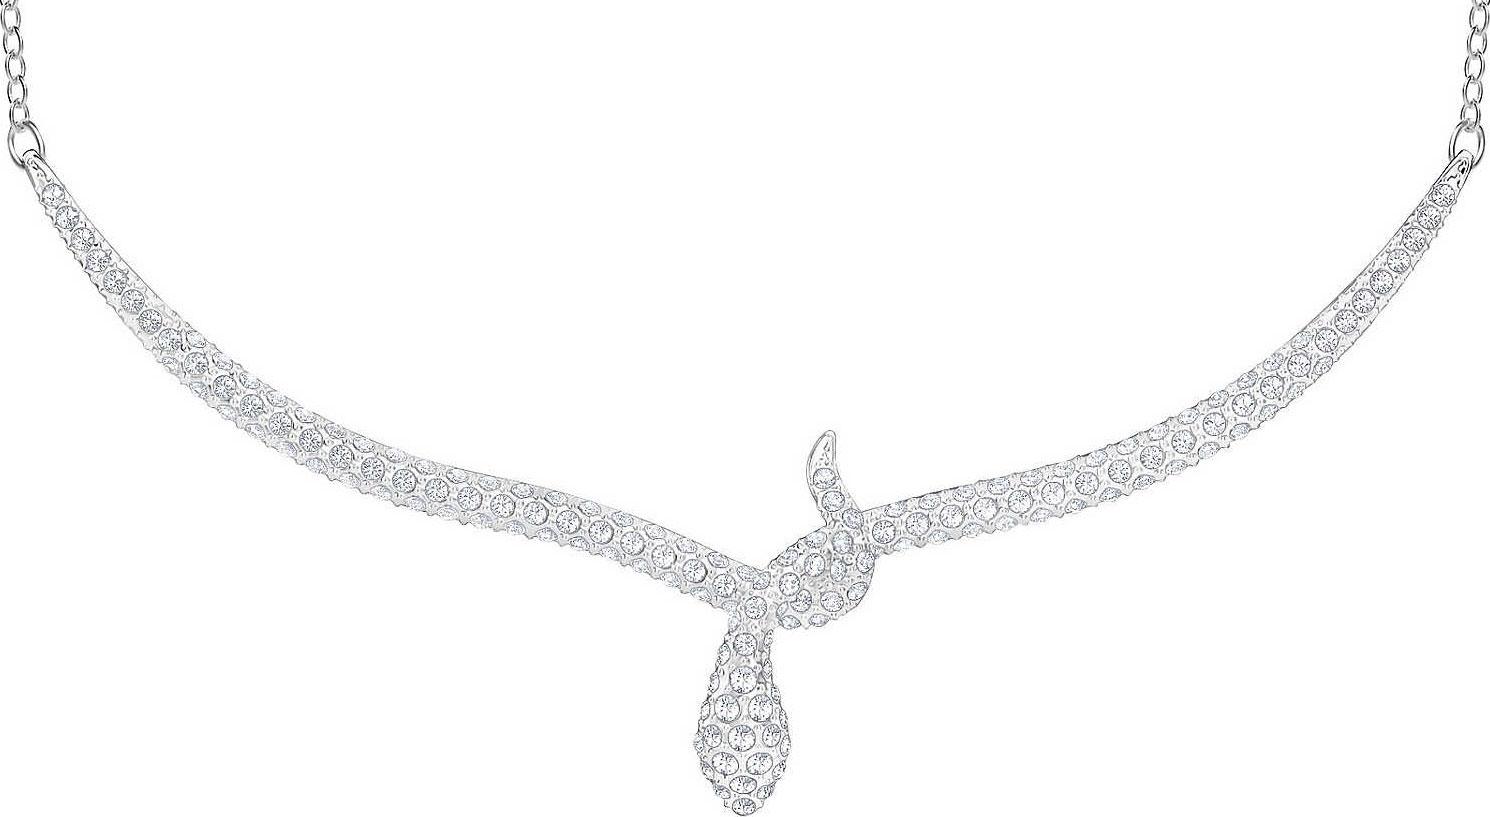 Колье Swarovski 5372292 колье ювелирная бижутерия lebedi crystals колье в позолоте с кристаллами и элементами swarovski